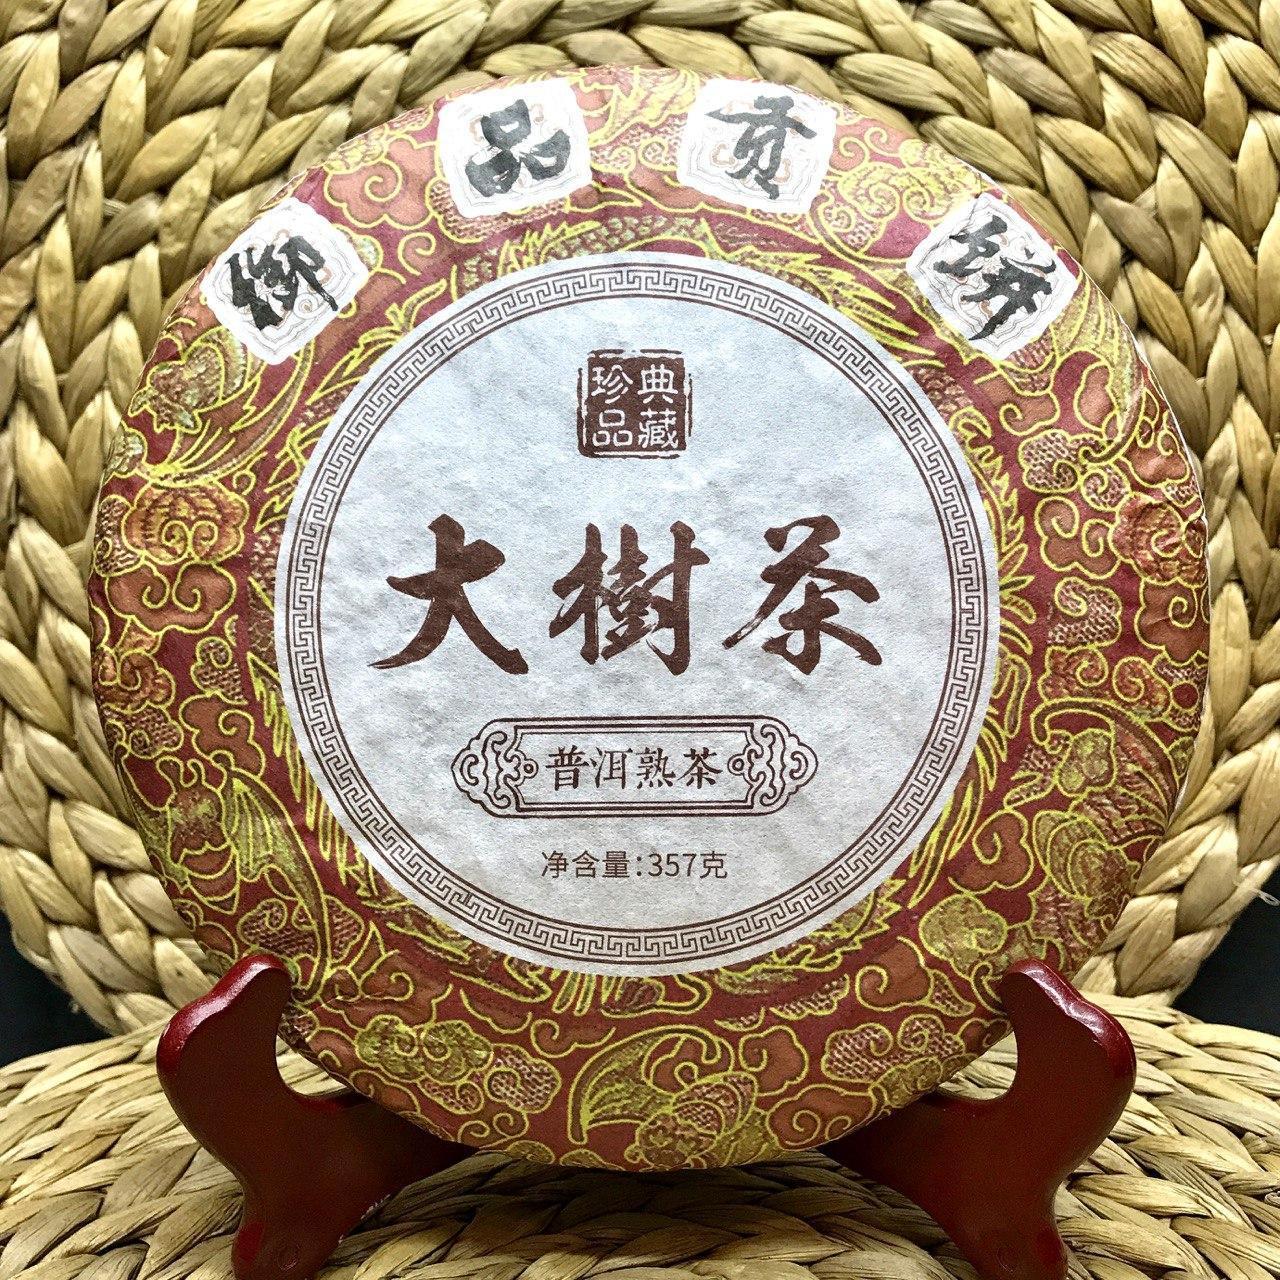 Шу пуэр (чёрный) чай прессованный 357 грамм 2019 год